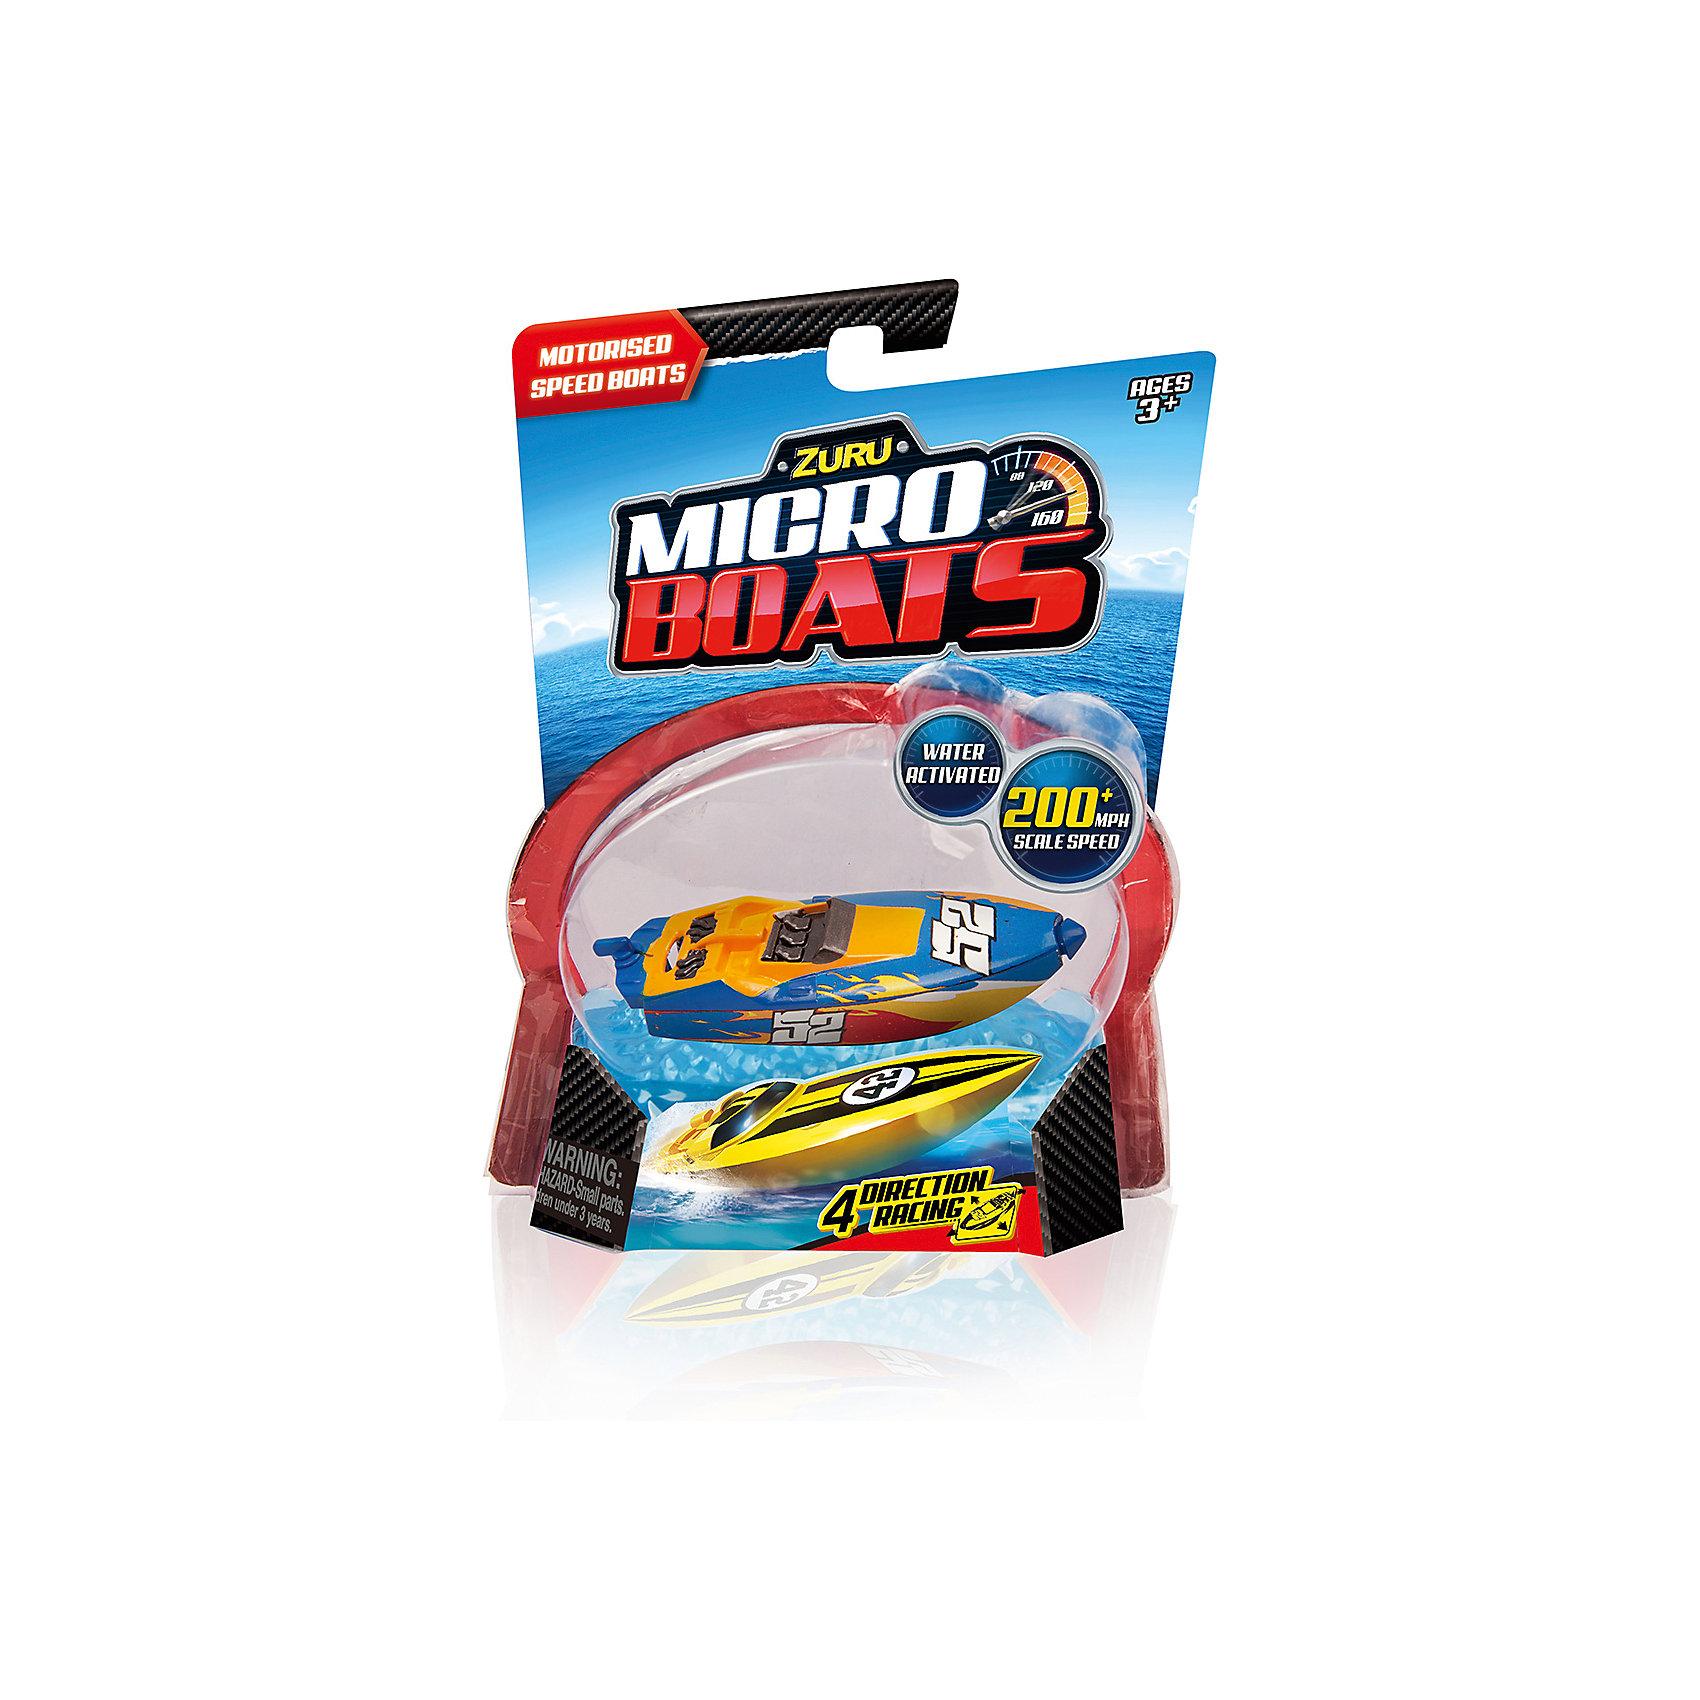 Роболодка, сине-красная, MICROBOATS, ZuruЗаводные игрушки<br>Характеристики товара:<br><br>• возраст от 3 лет<br>• материал: пластик<br>• длина лодки 10 см<br>• тип батареек: 2 х AG13 / LR44 (миниатюрные)<br>• наличие батареек: входят в комплект<br>• размер упаковки 20х15х7,3 см<br>• вес упаковки 80 г.<br>• упаковка: блистер на картоне<br>• страна бренда: Новая Зеландия<br>• страна производитель: Китай<br><br>Роболодка Microboats Zuru сине-красная разнообразит купание малыша в ванной. При спуске лодки на воду срабатывает сенсорный датчик, и лодочка начинает плыть. Лодка умеет плавать в 4 разных направлениях, а при столкновении с препятствием начинает плыть назад. Малыш может брать лодку в собой не только в ванную, но и запускать ее в бассейне или водоеме, чтобы весело провести время. <br><br>Игрушка изготовлена из качественного безопасного пластика с использованием нетоксичных красителей. Работает от 2 батареек LR44 (в комплекте).<br><br>Роболодку Microboats Zuru можно приобрести в нашем интернет-магазине.<br><br>Ширина мм: 73<br>Глубина мм: 150<br>Высота мм: 200<br>Вес г: 80<br>Возраст от месяцев: 36<br>Возраст до месяцев: 2147483647<br>Пол: Унисекс<br>Возраст: Детский<br>SKU: 5528473